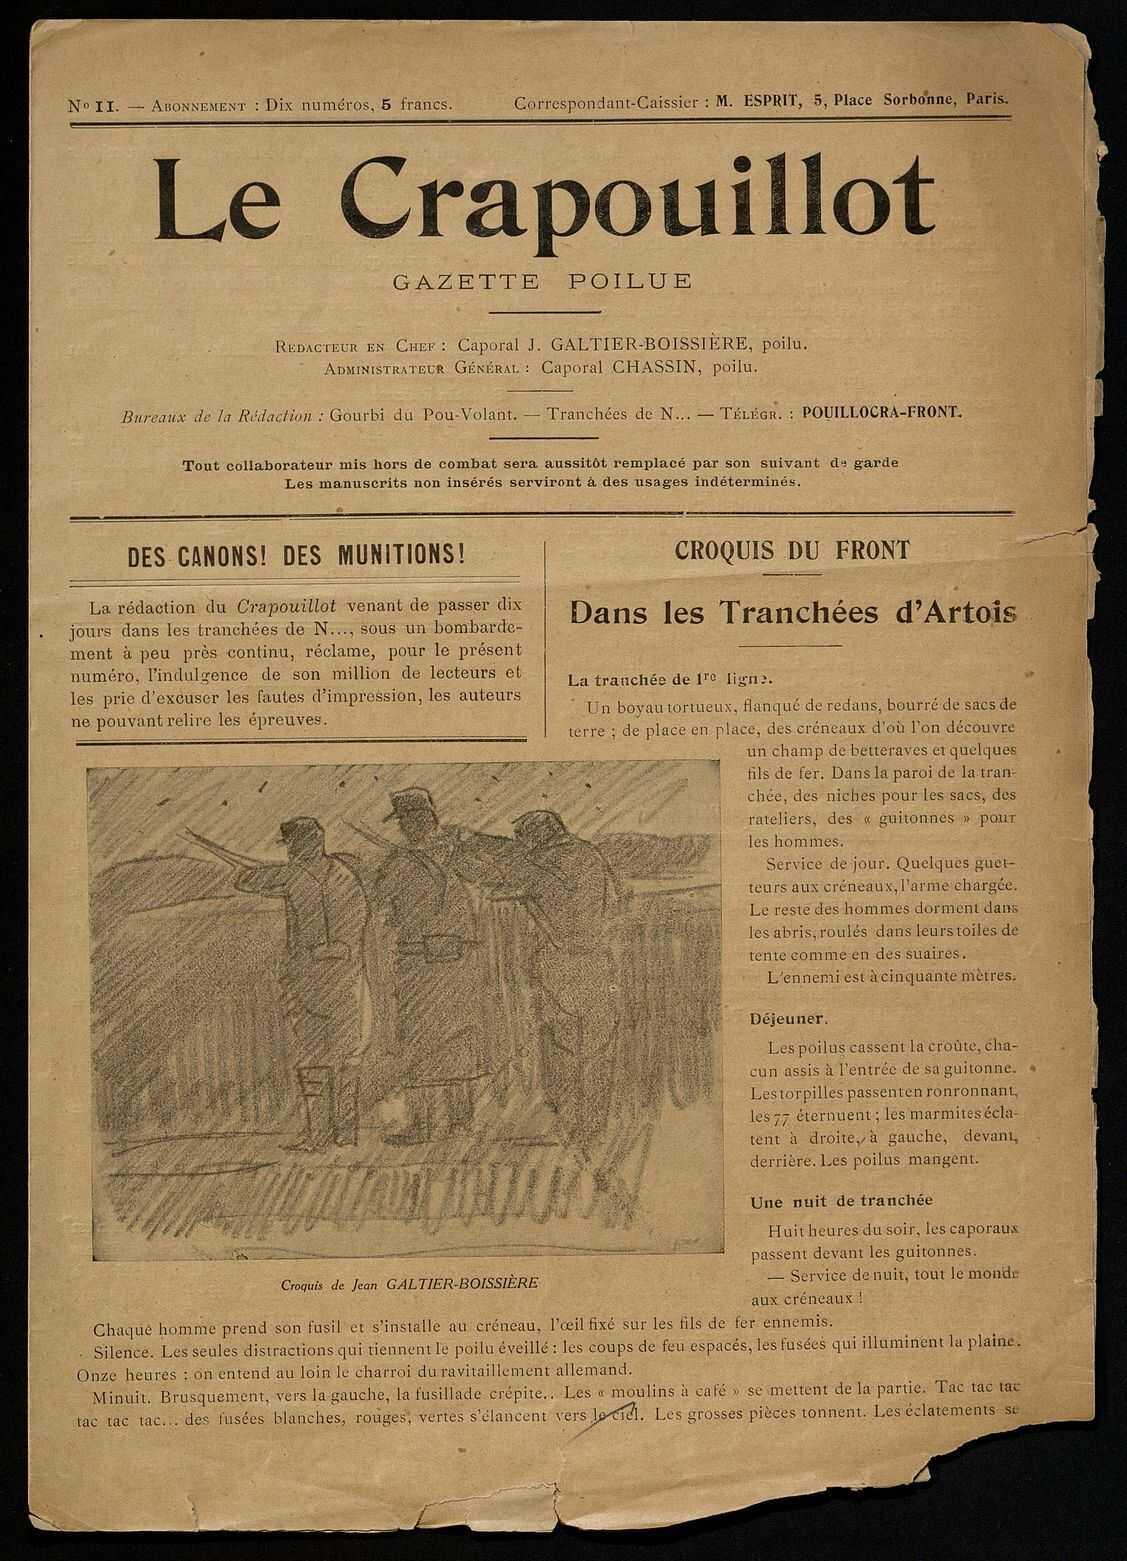 LE CRAPOUILLOT. DES CANONS ! DES MUNITIONS ! DANS LES TRANCHEES D'ARTOIS